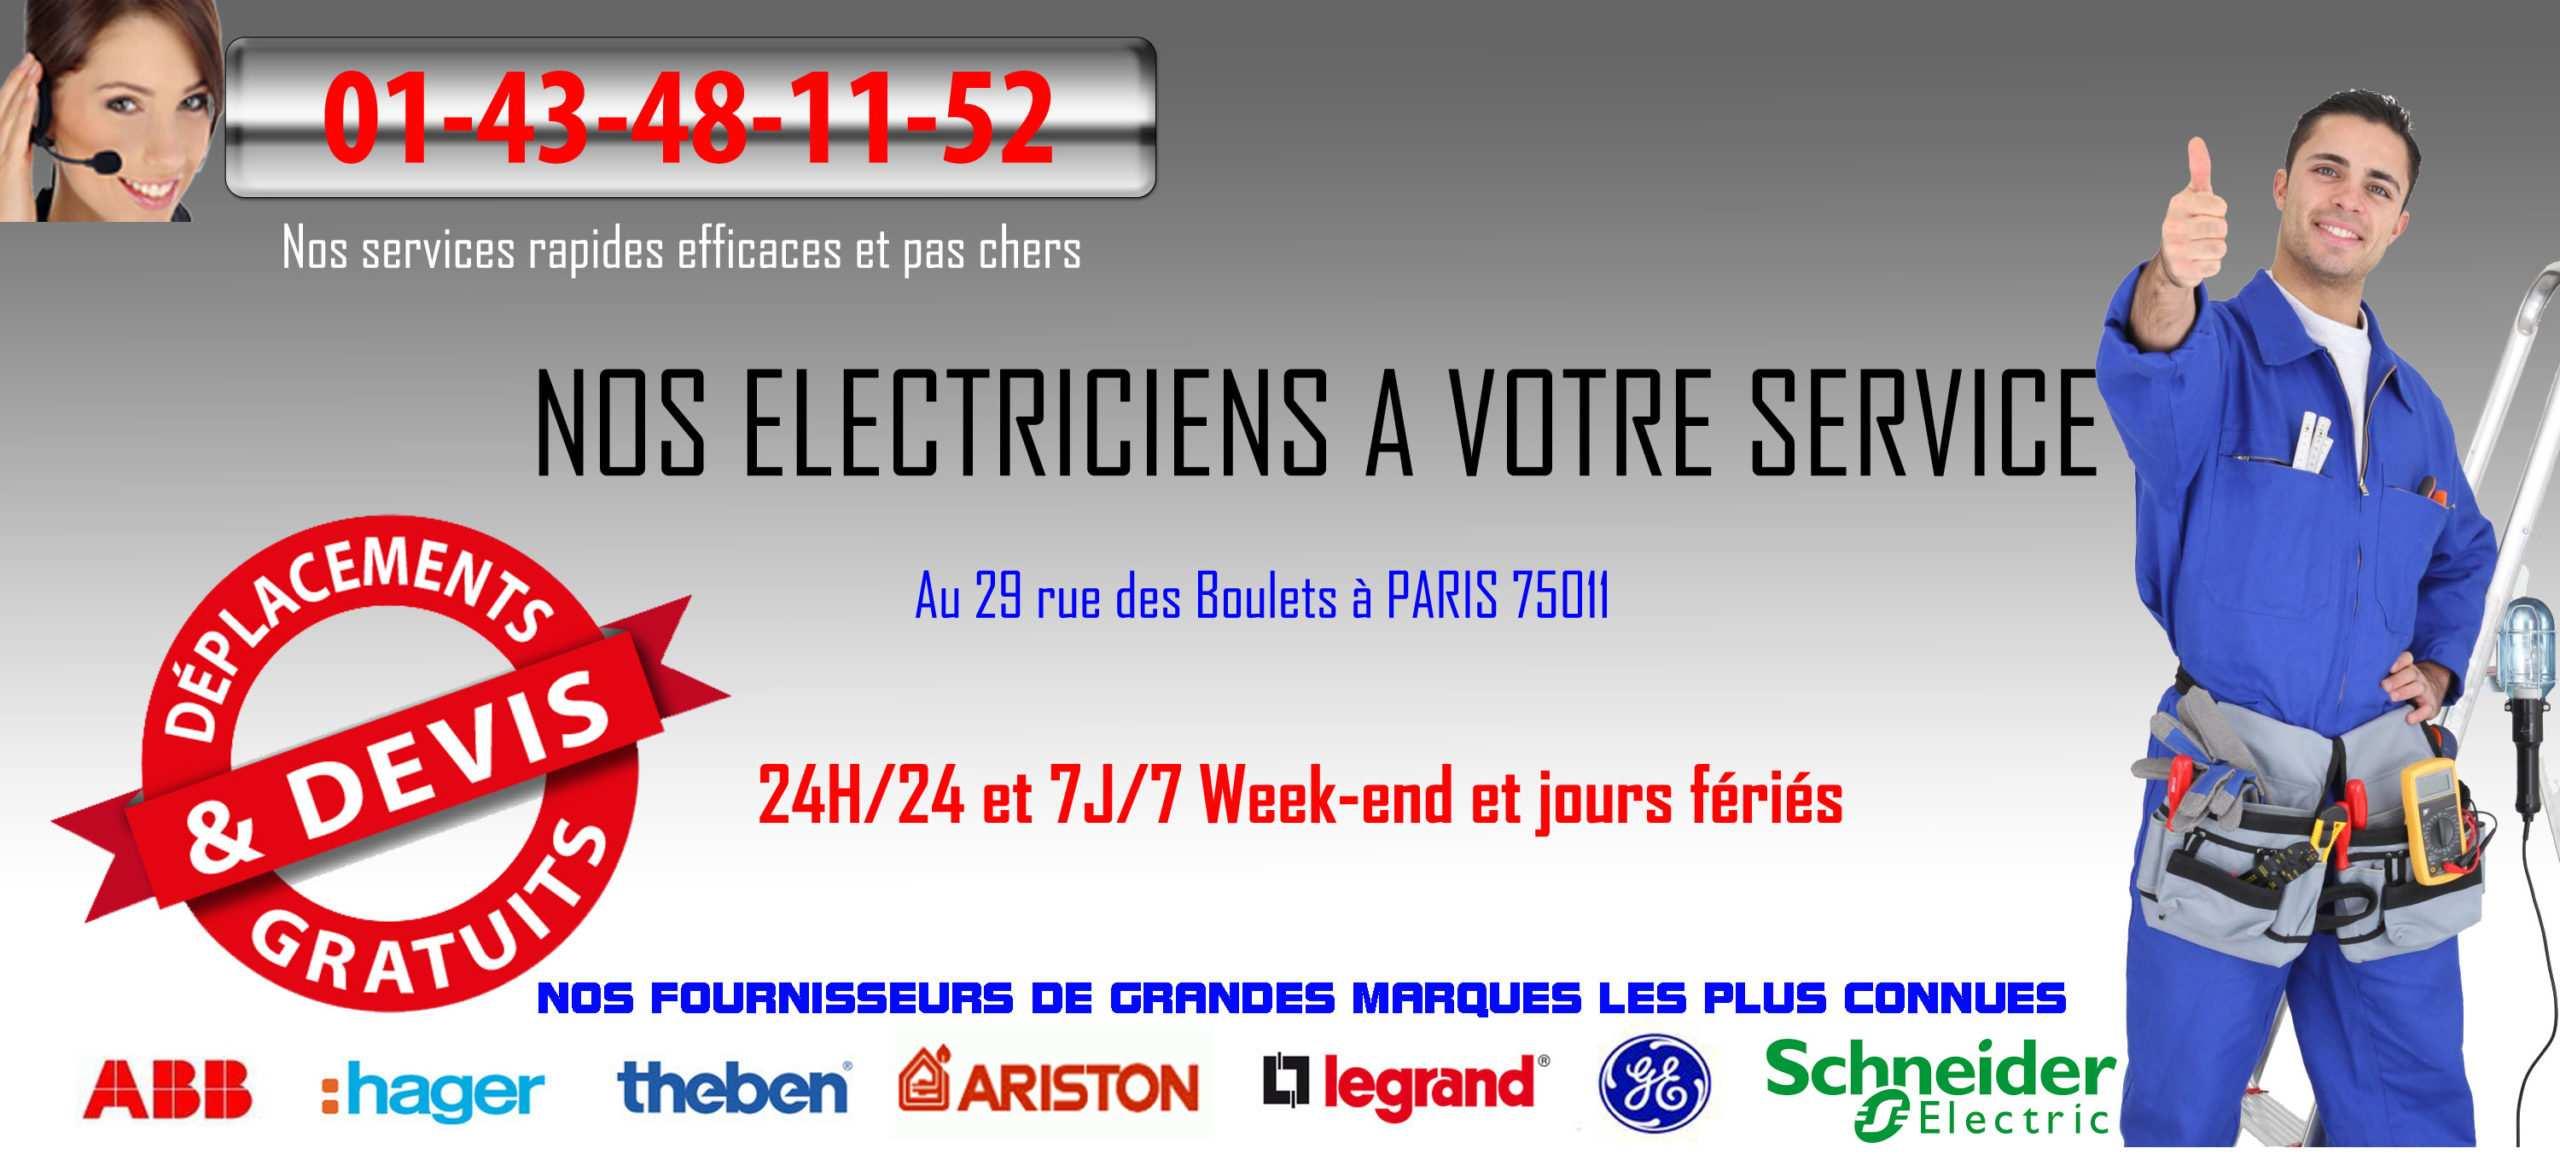 banniere electricien paris 75011